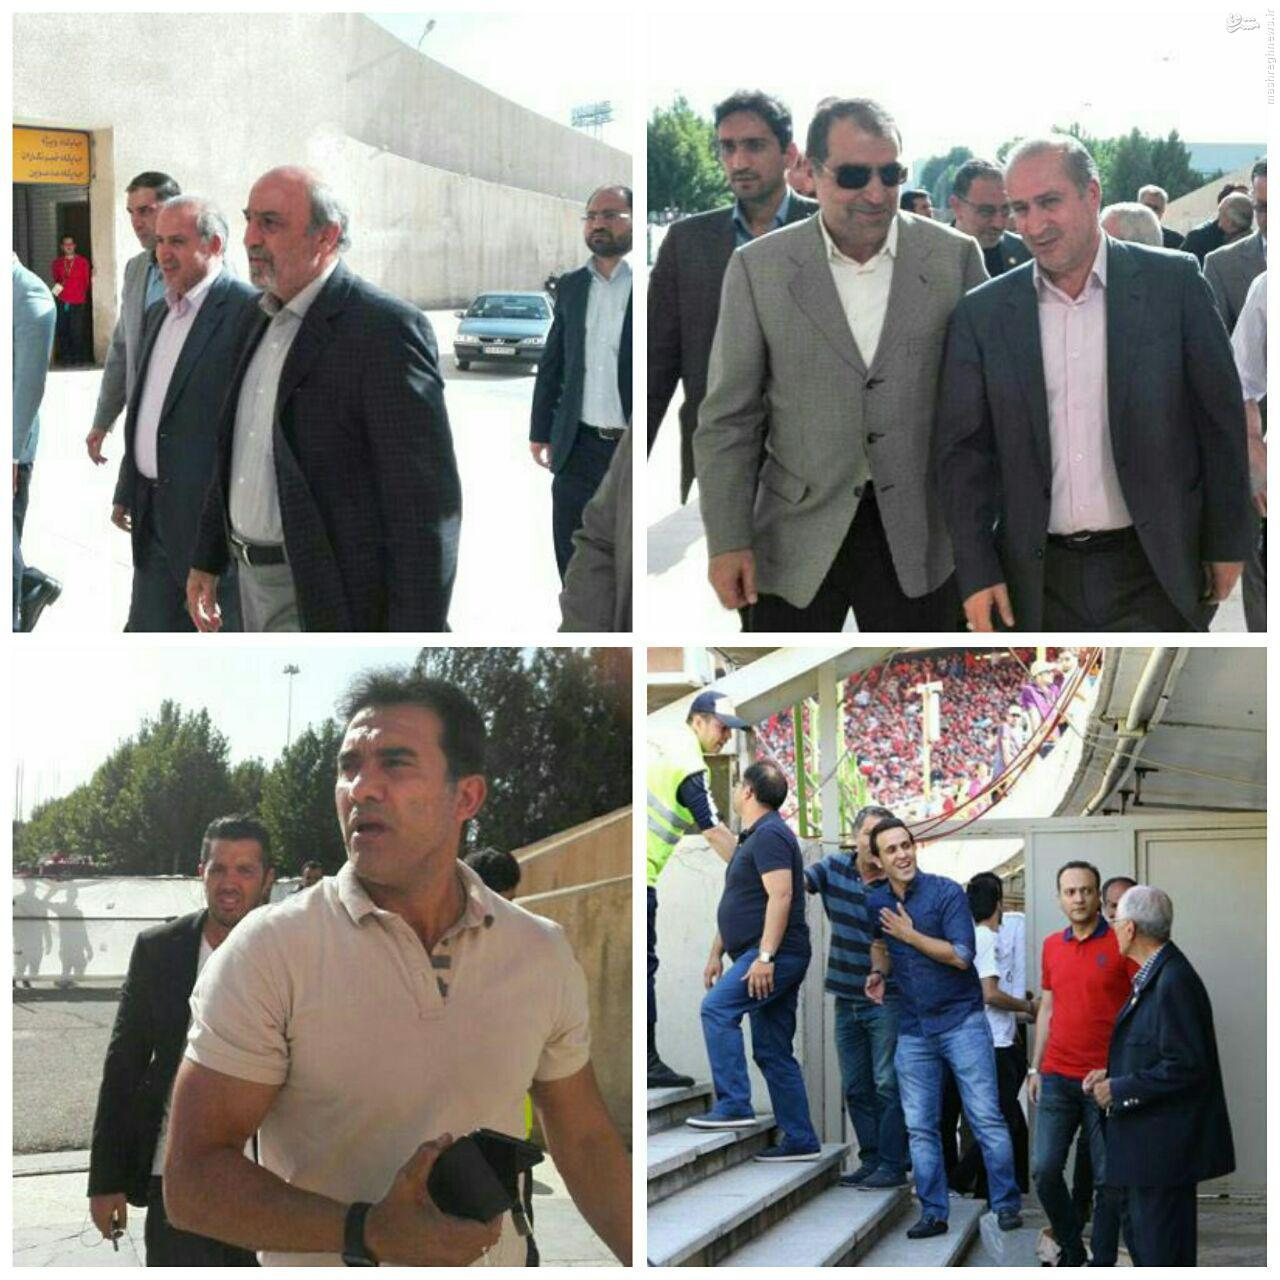 عکس/ وزیر بهداشت هم با آزادی رفت